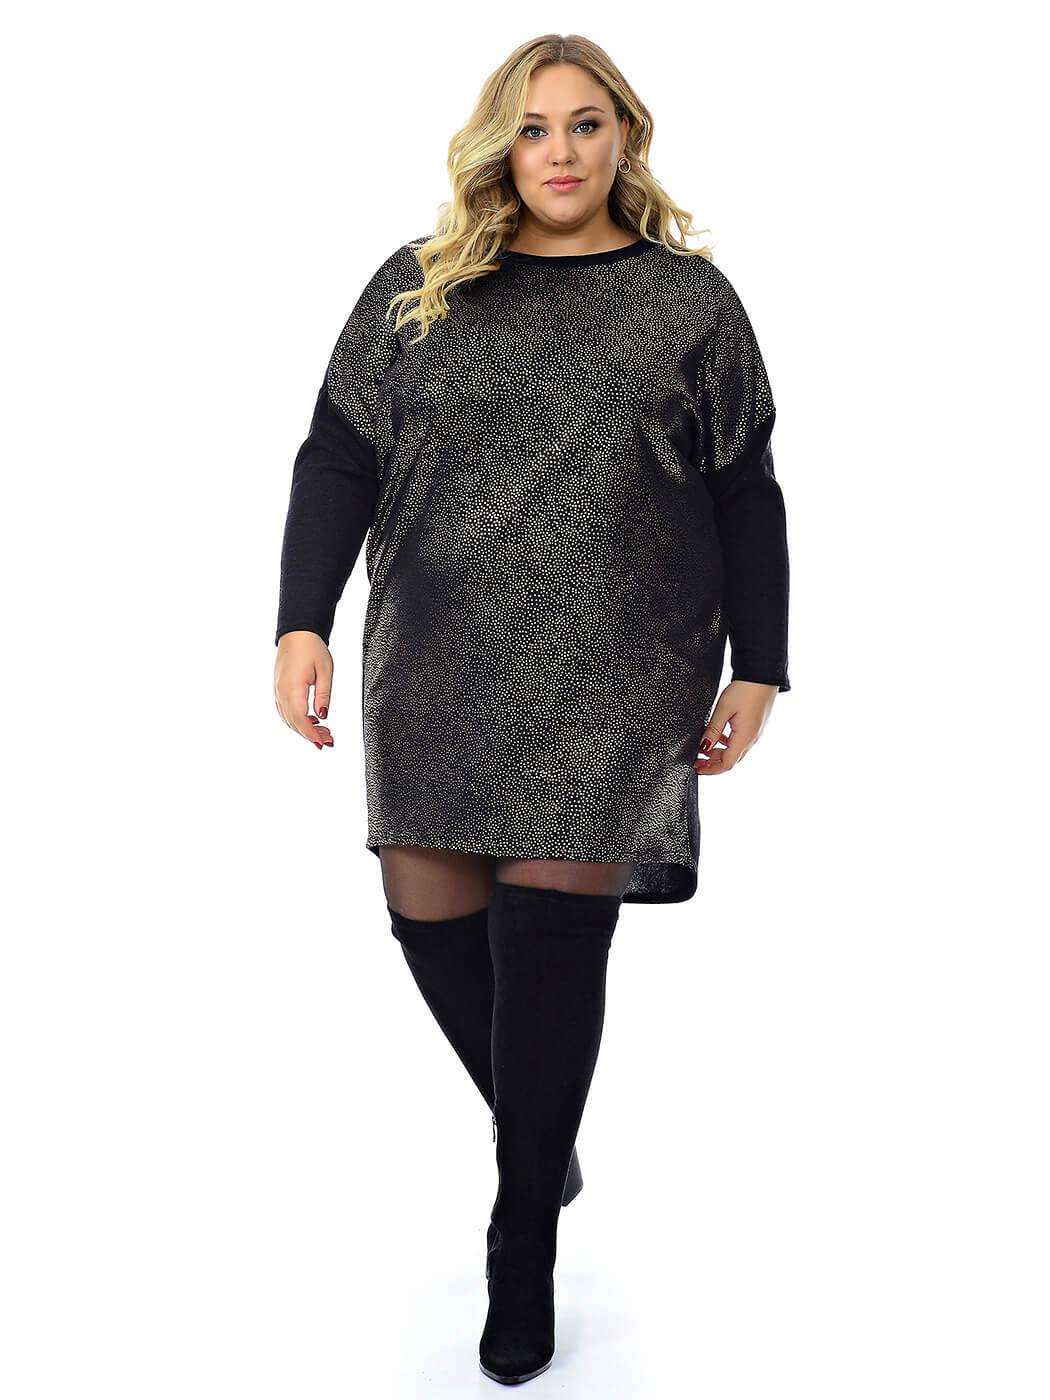 Чёрное платье-туника Ангора